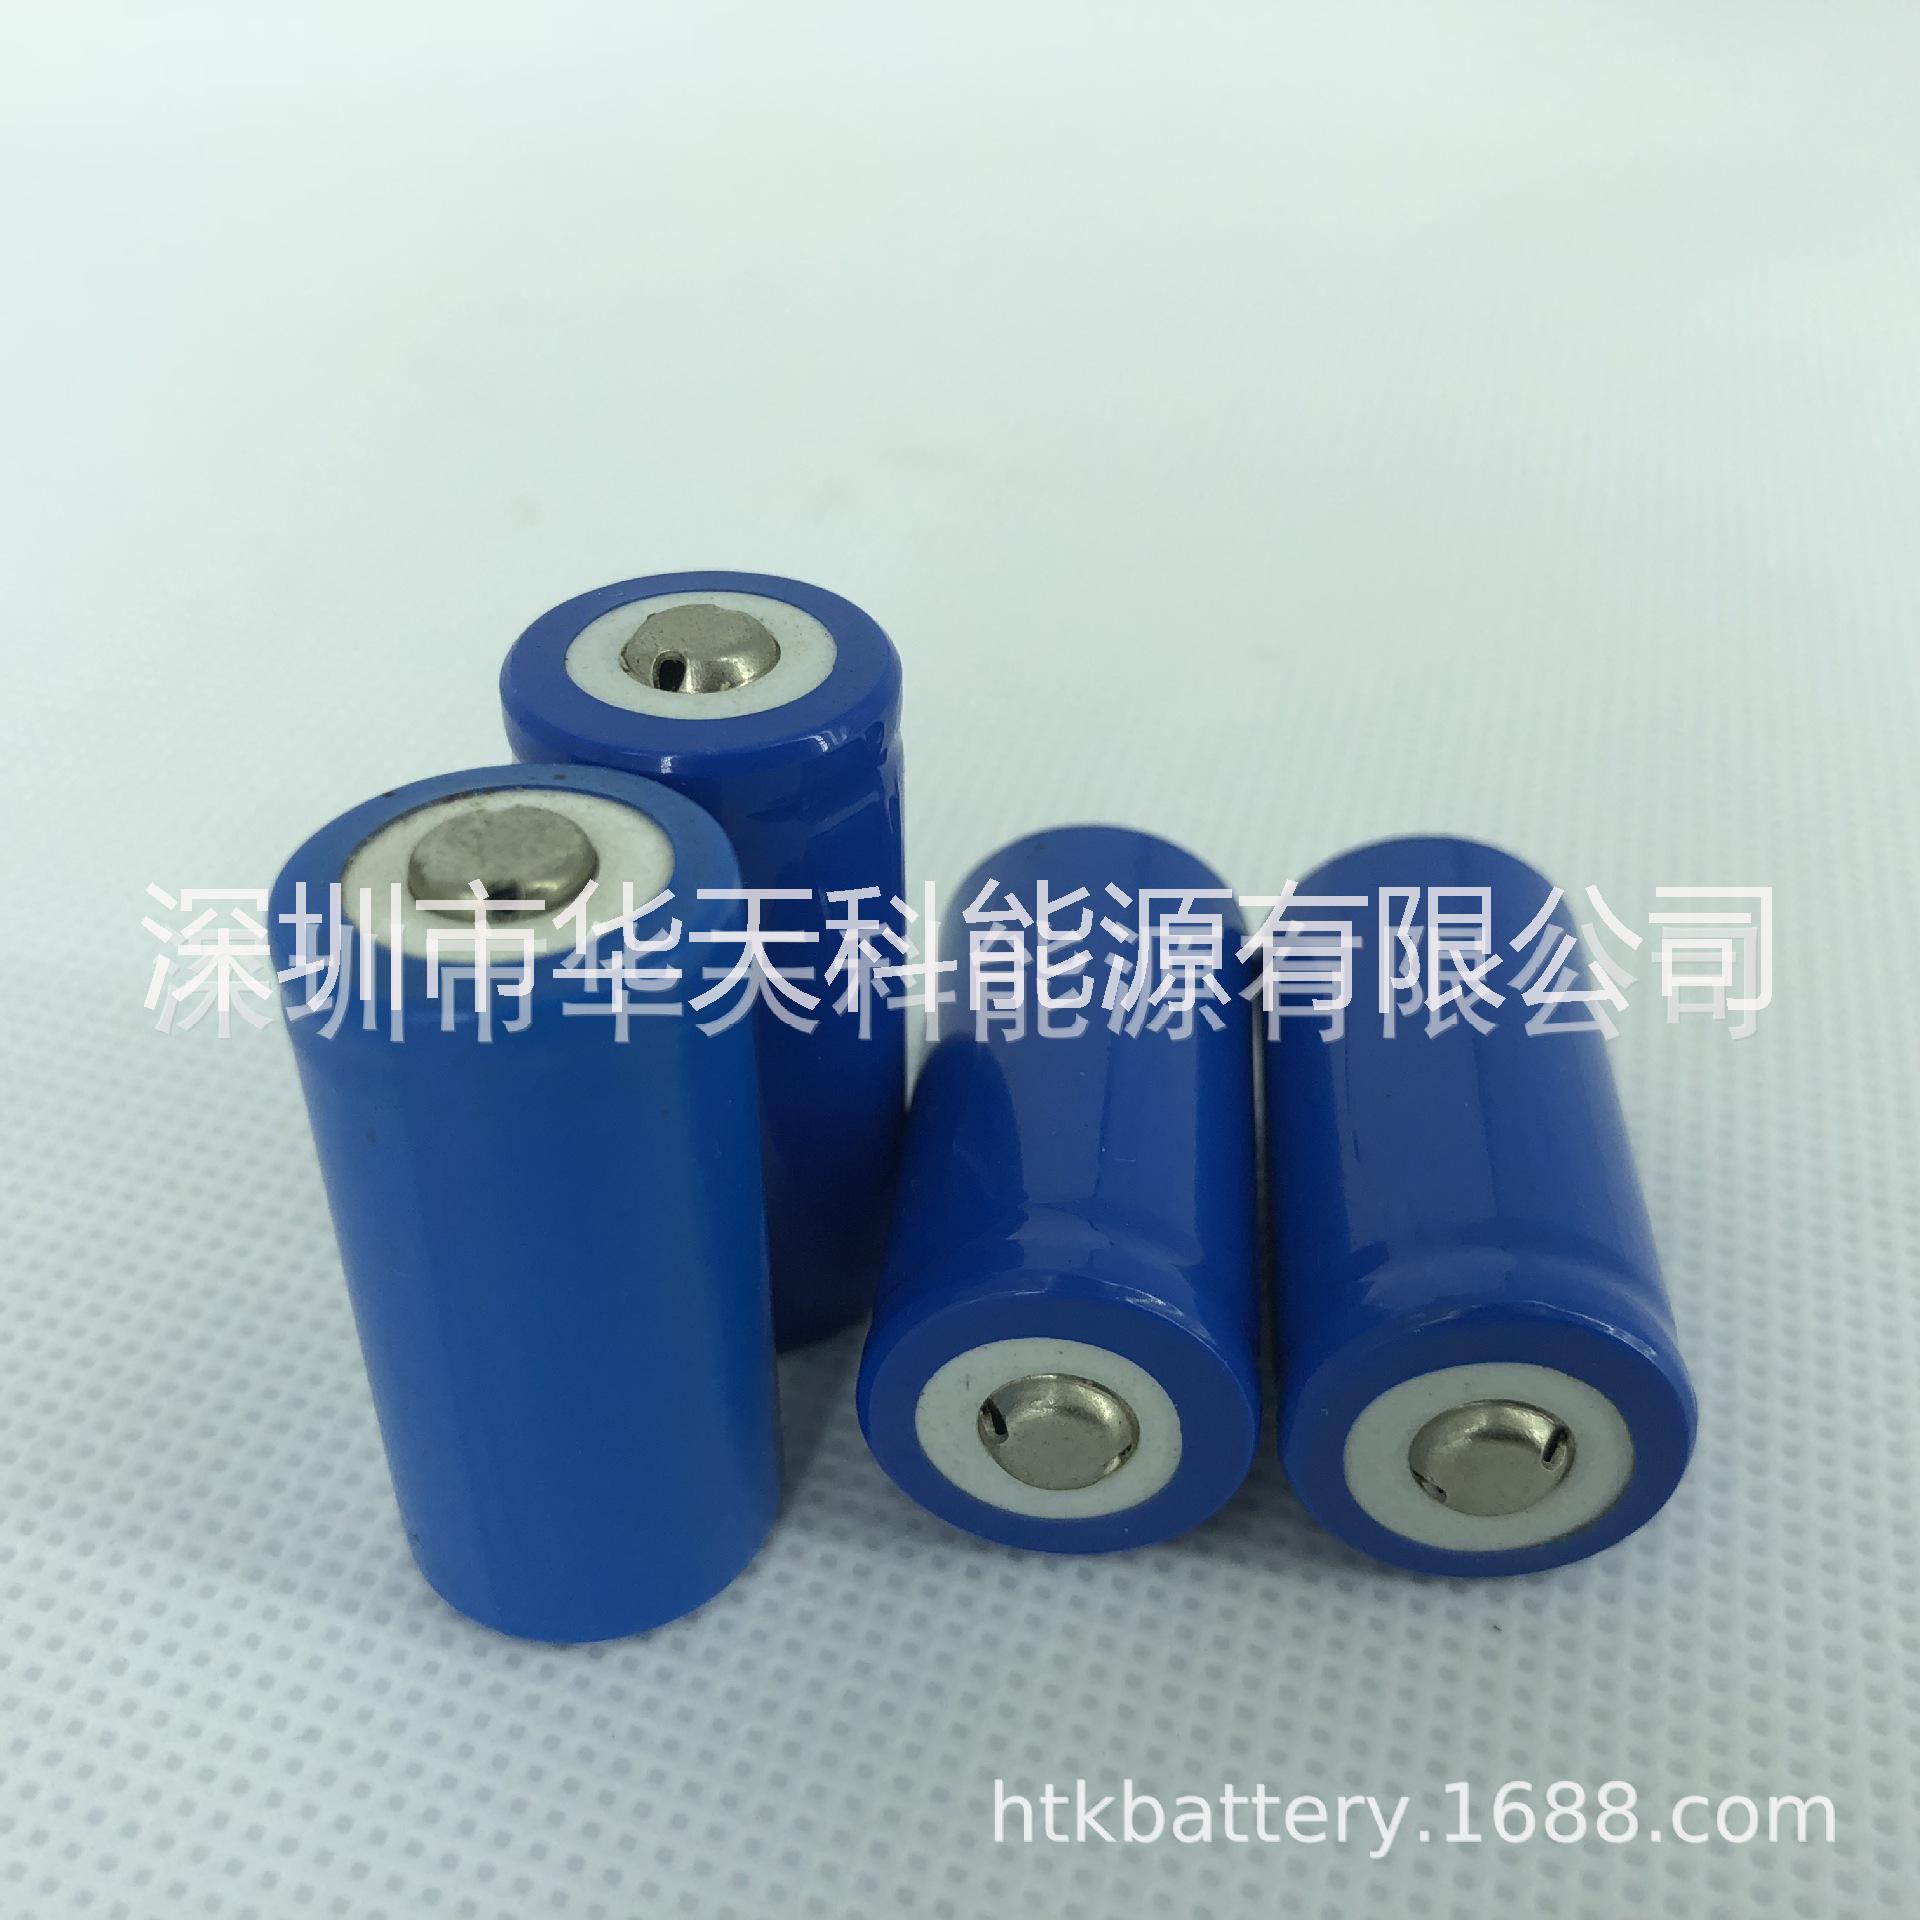 电动牙刷电池14250,16340,14500圆柱锂电池厂家直销 可定制